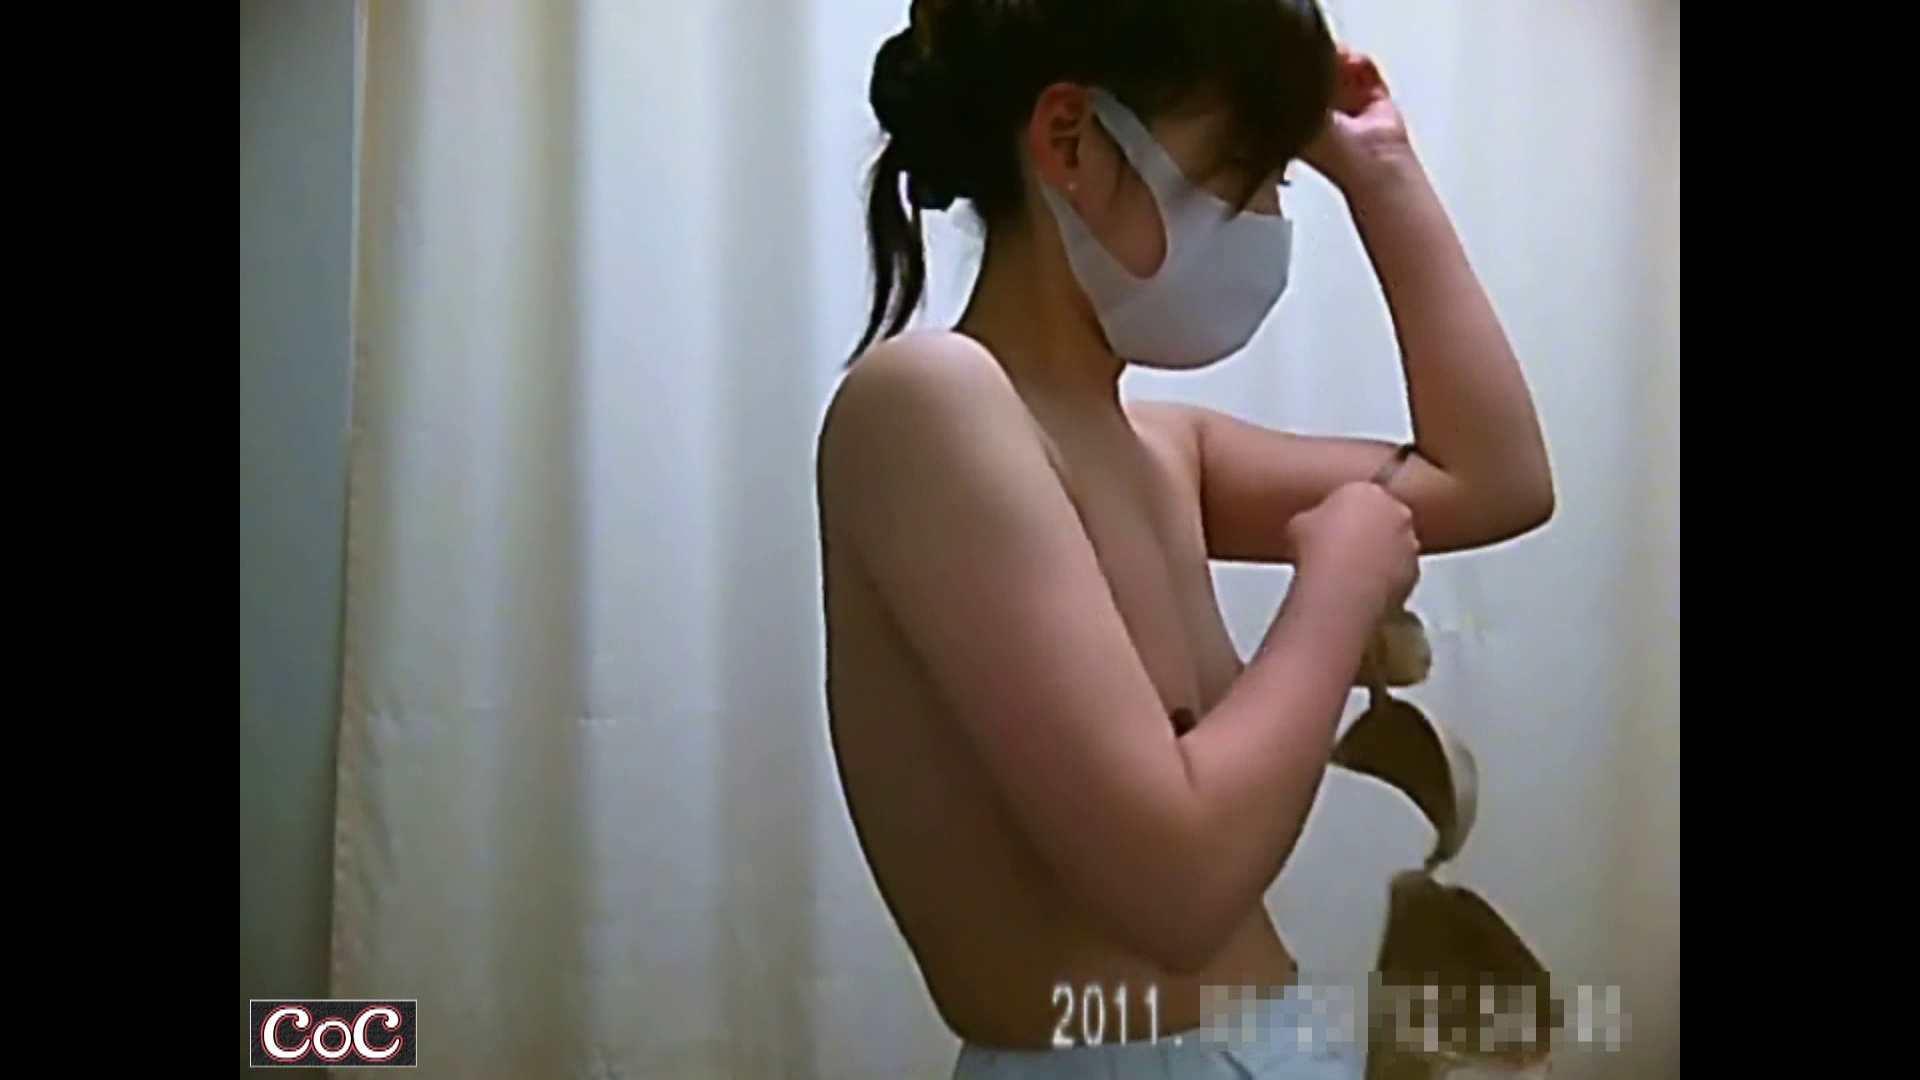 元医者による反抗 更衣室地獄絵巻 vol.165 OL   0  77連発 55